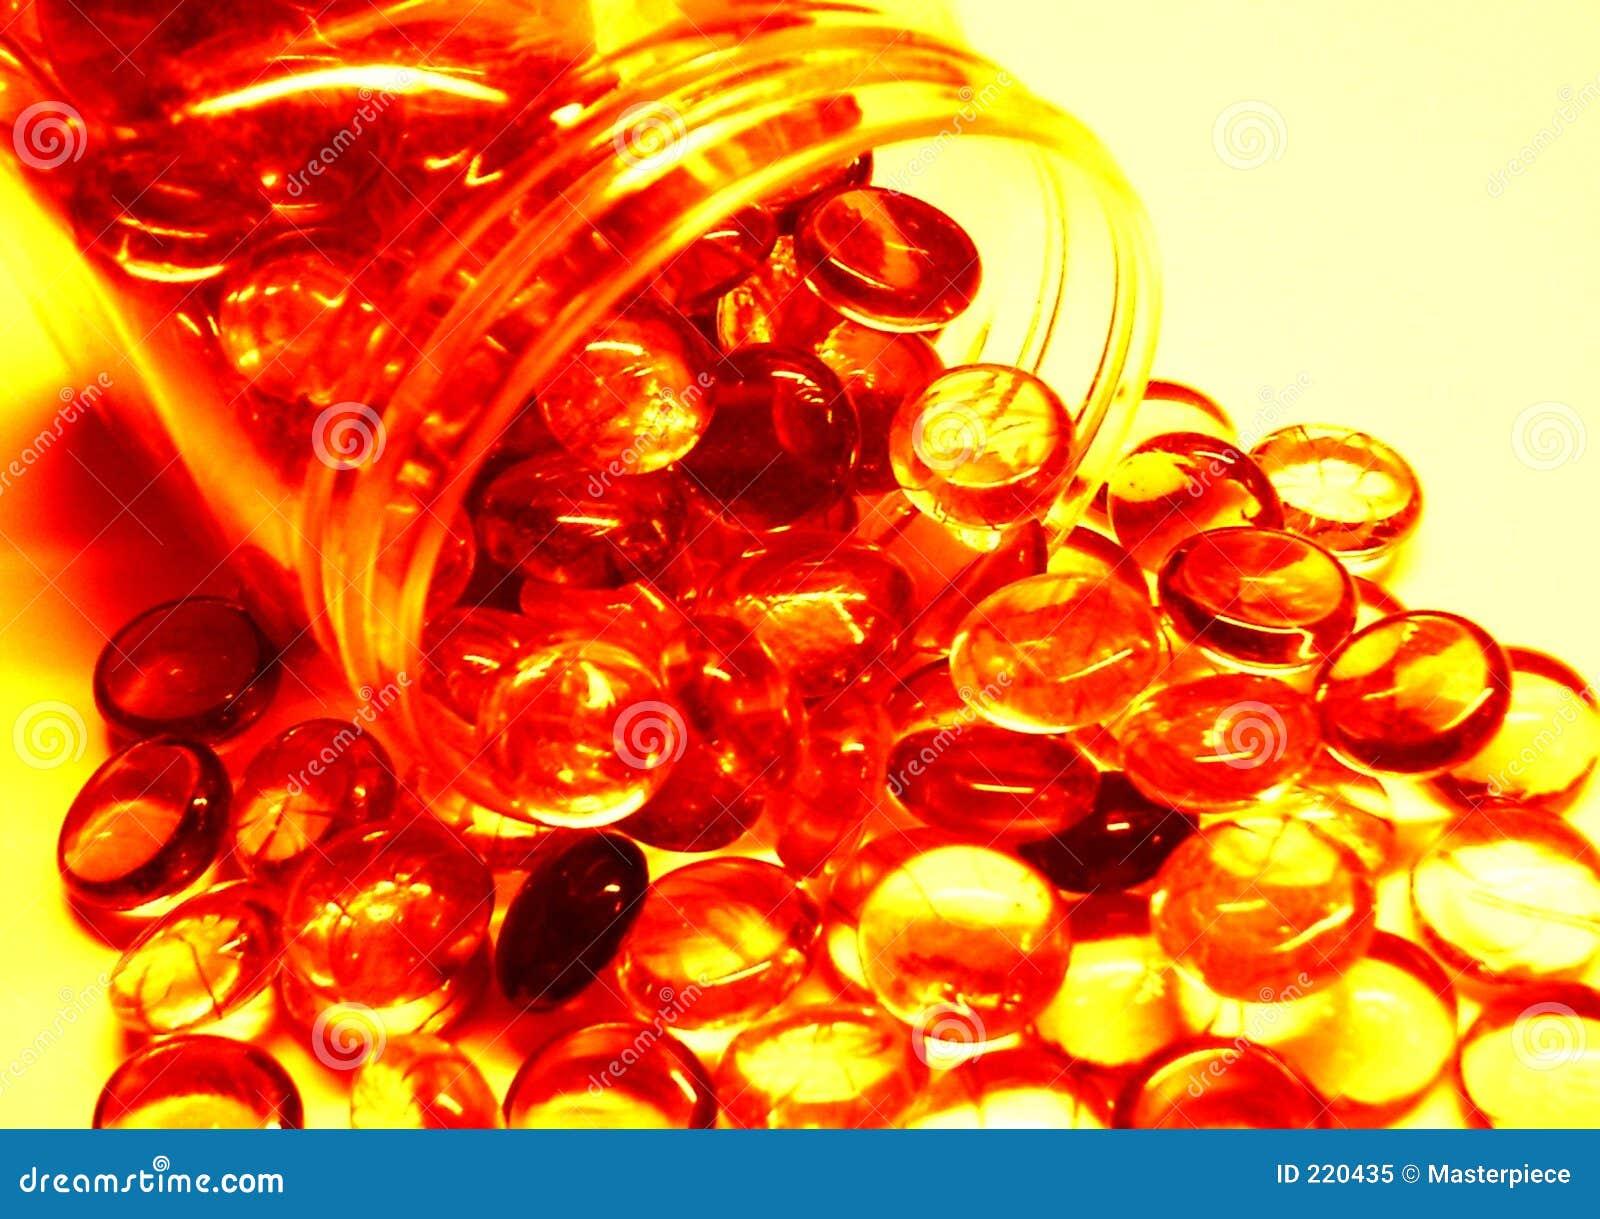 Download La Caduta Obietta - L'arancio Rossastro Luminoso E Puro Immagine Stock - Immagine di arancione, unico: 220435